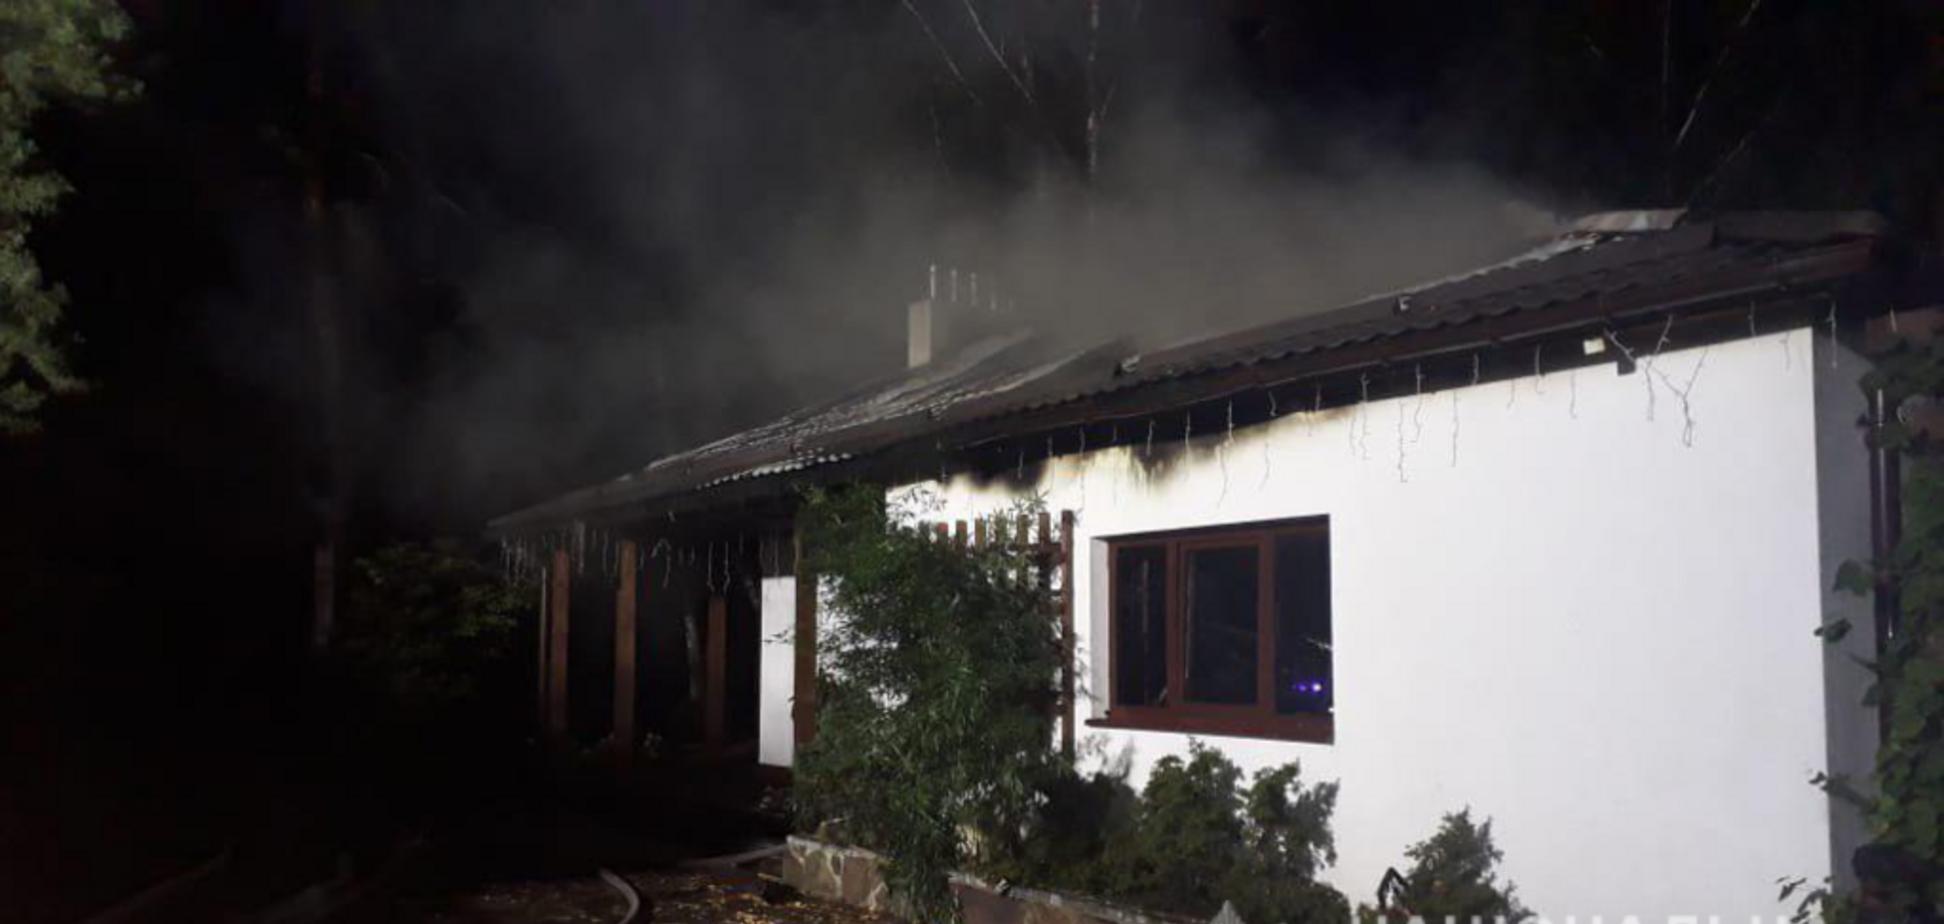 Будинок Гонтаревої згорів: у поліції озвучили версії